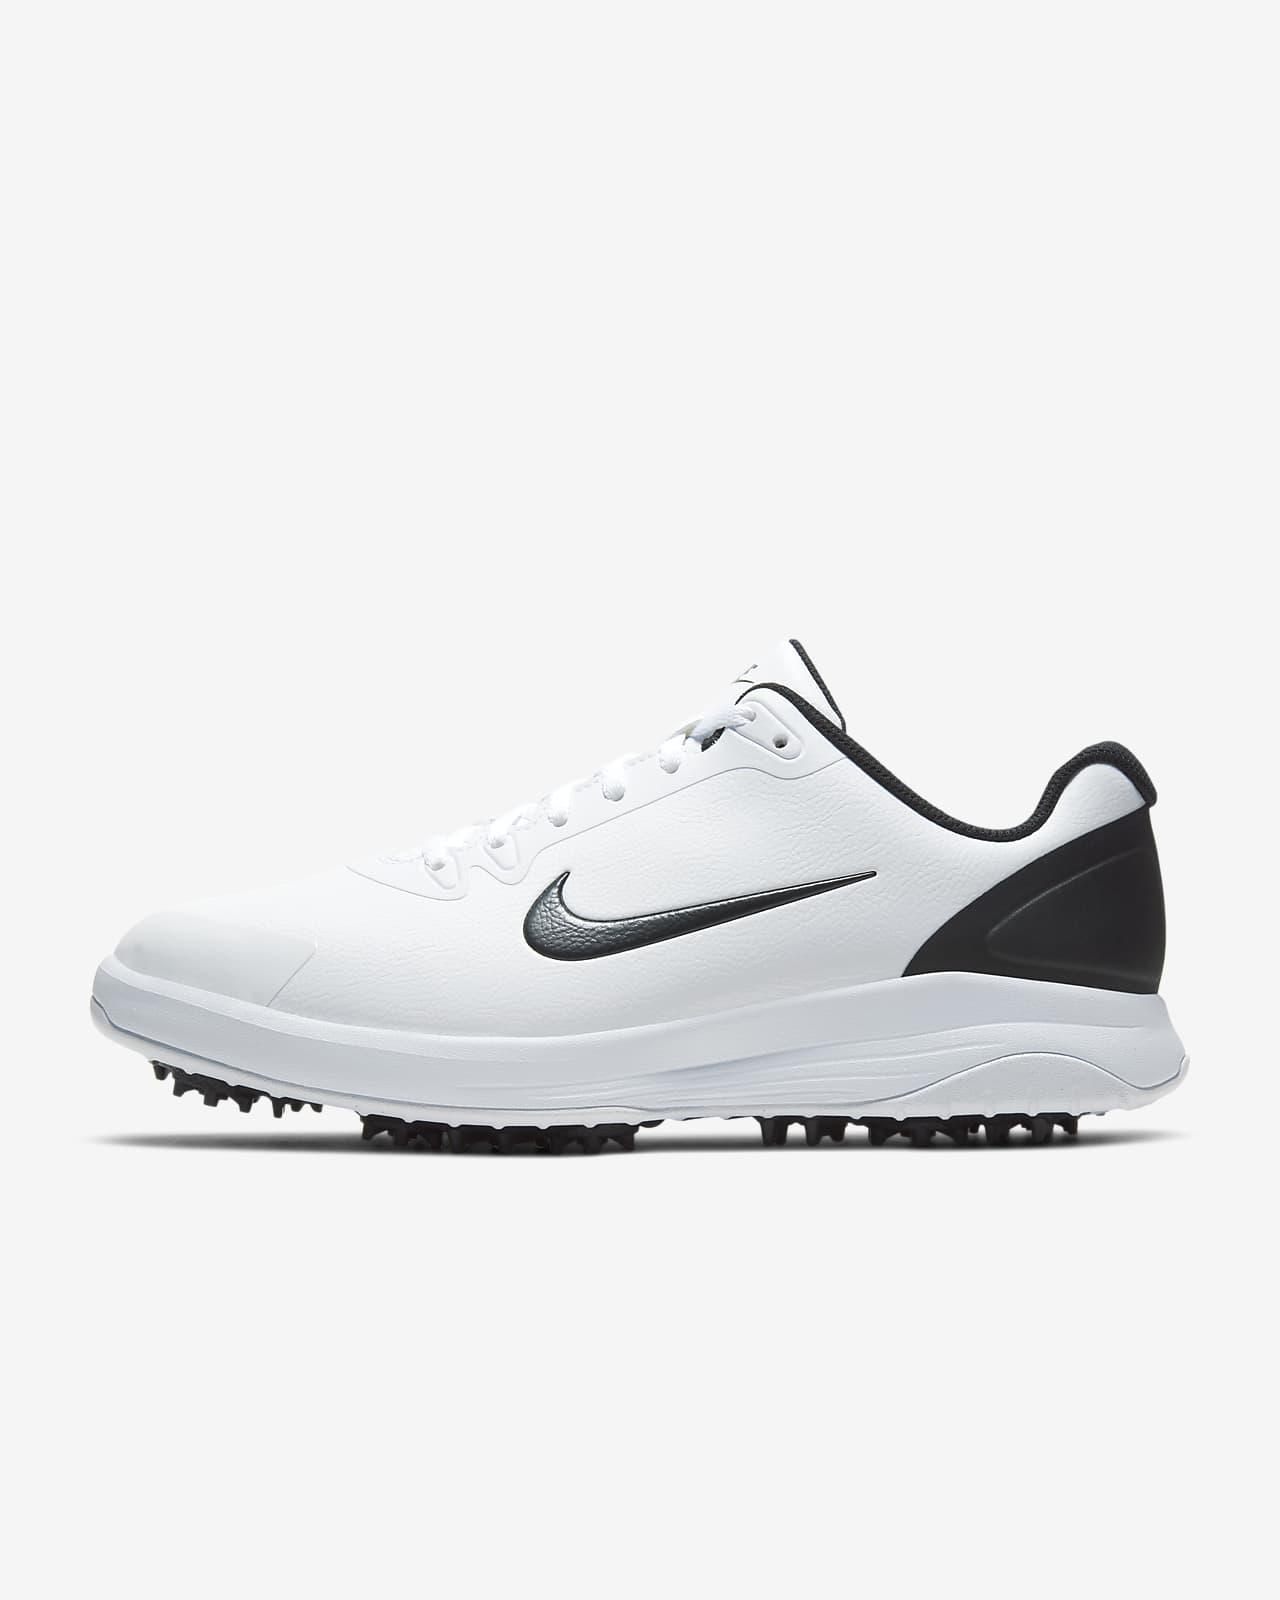 รองเท้ากอล์ฟ Nike Infinity G (หน้ากว้าง)